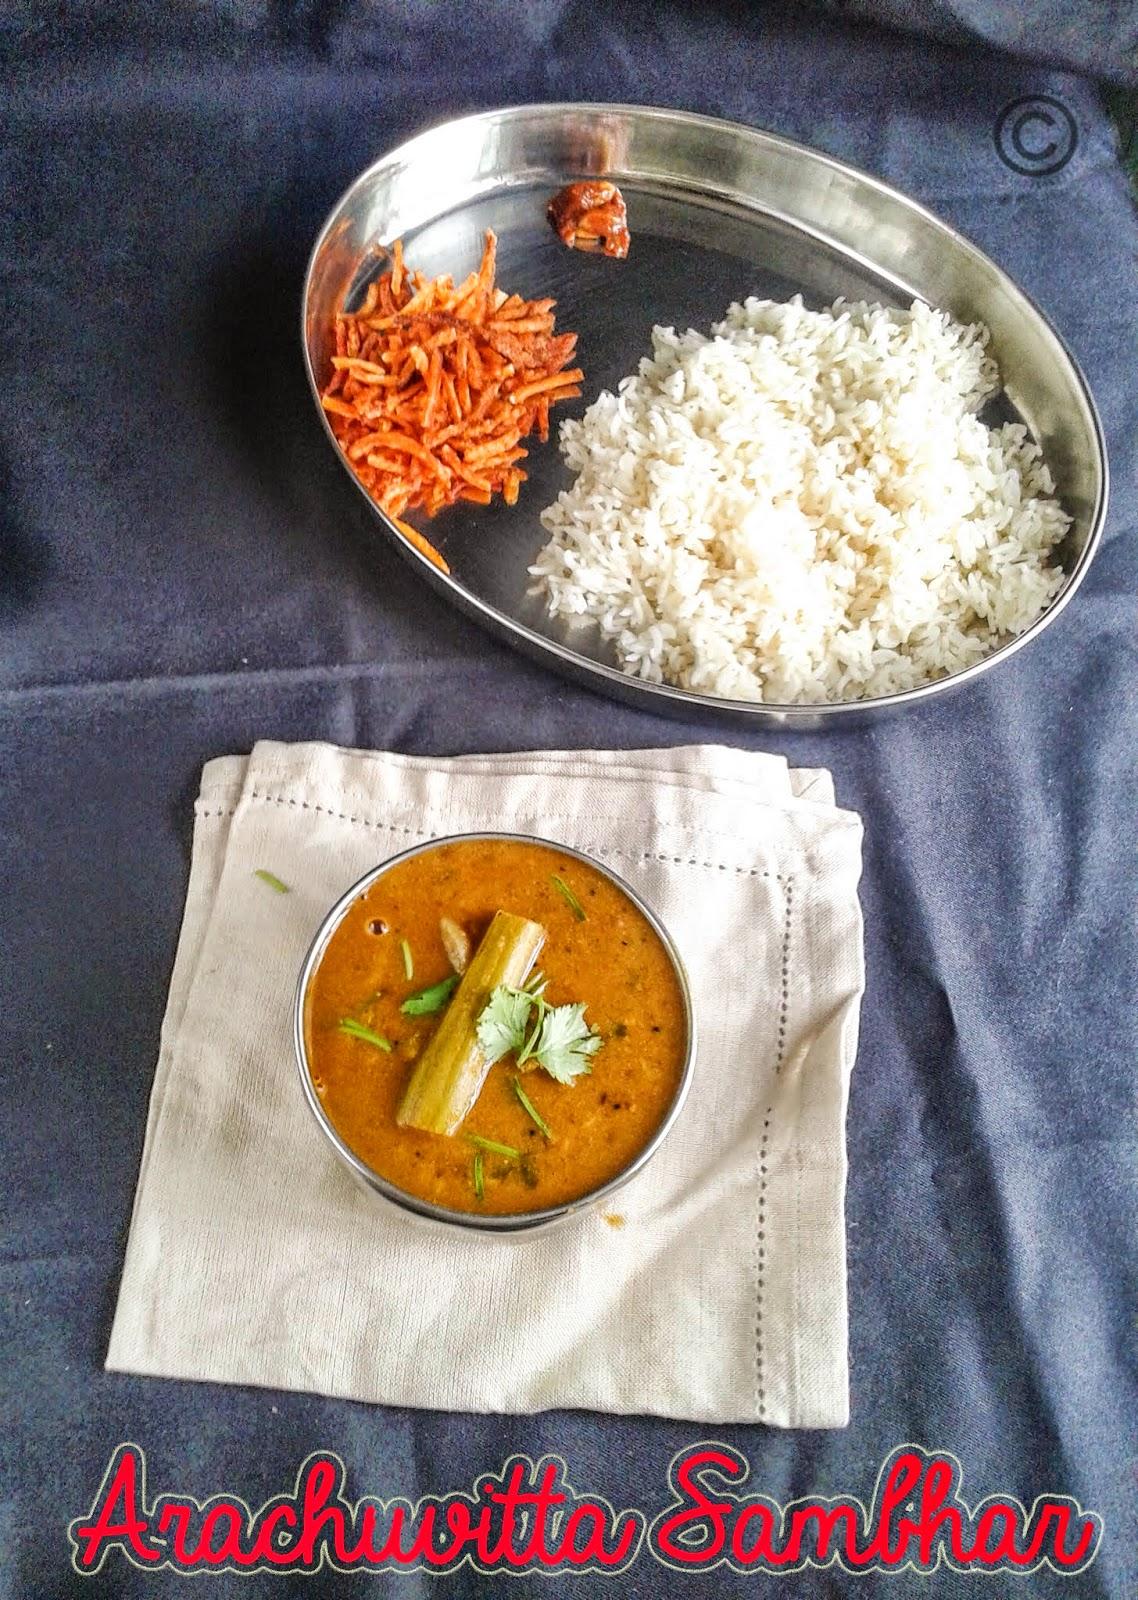 kerala-sambhar-recipe